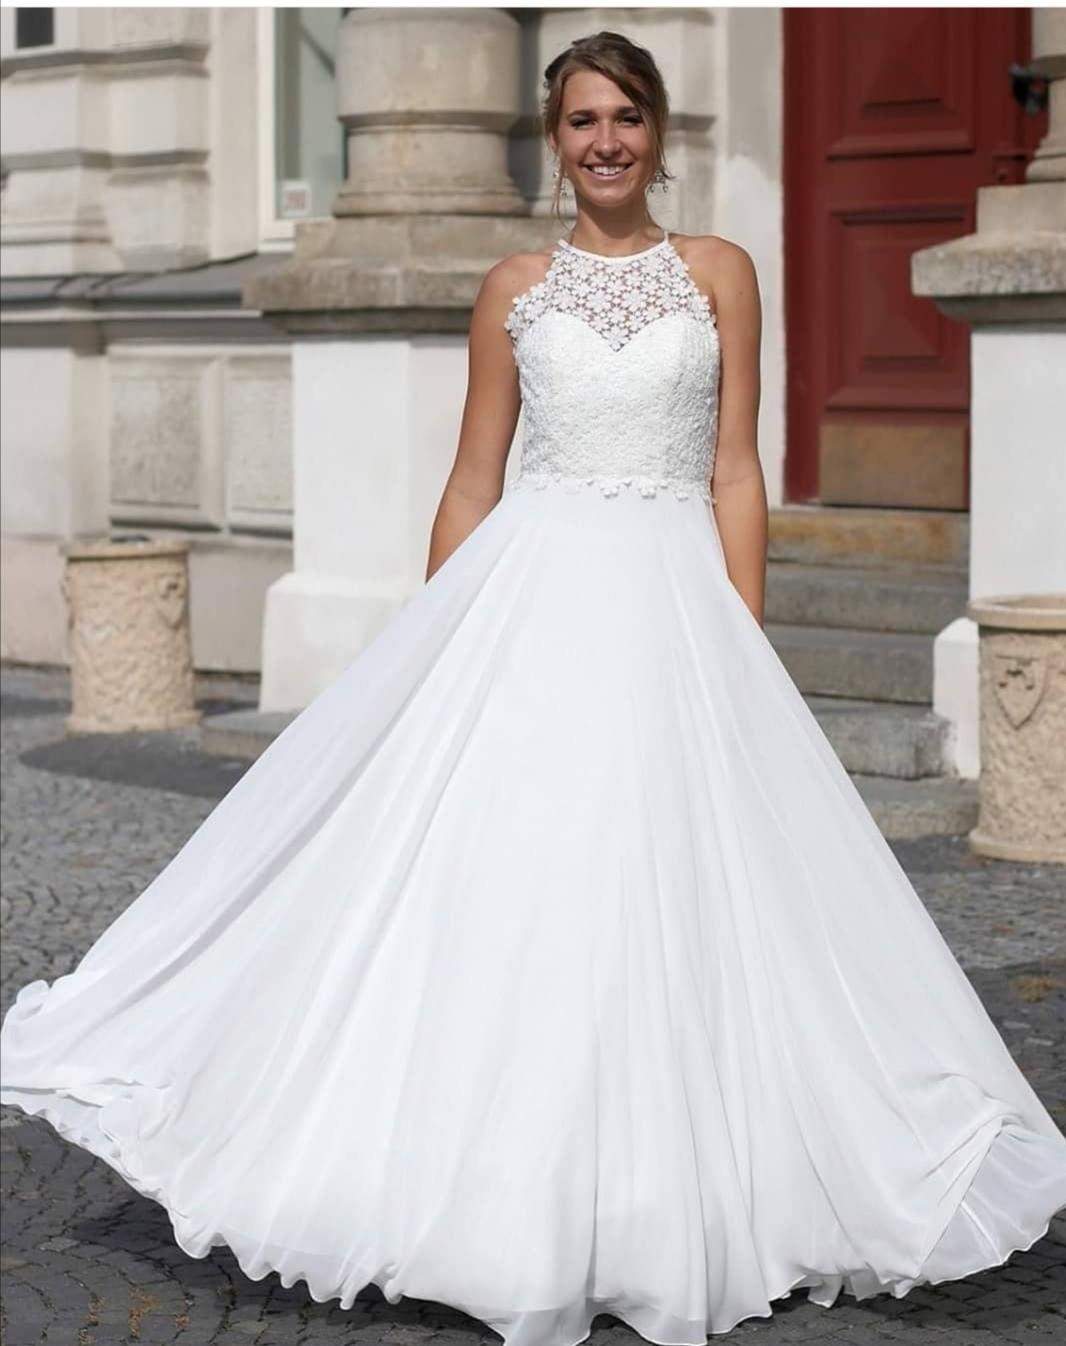 Svatební šaty vel 44 - Obrázek č. 1